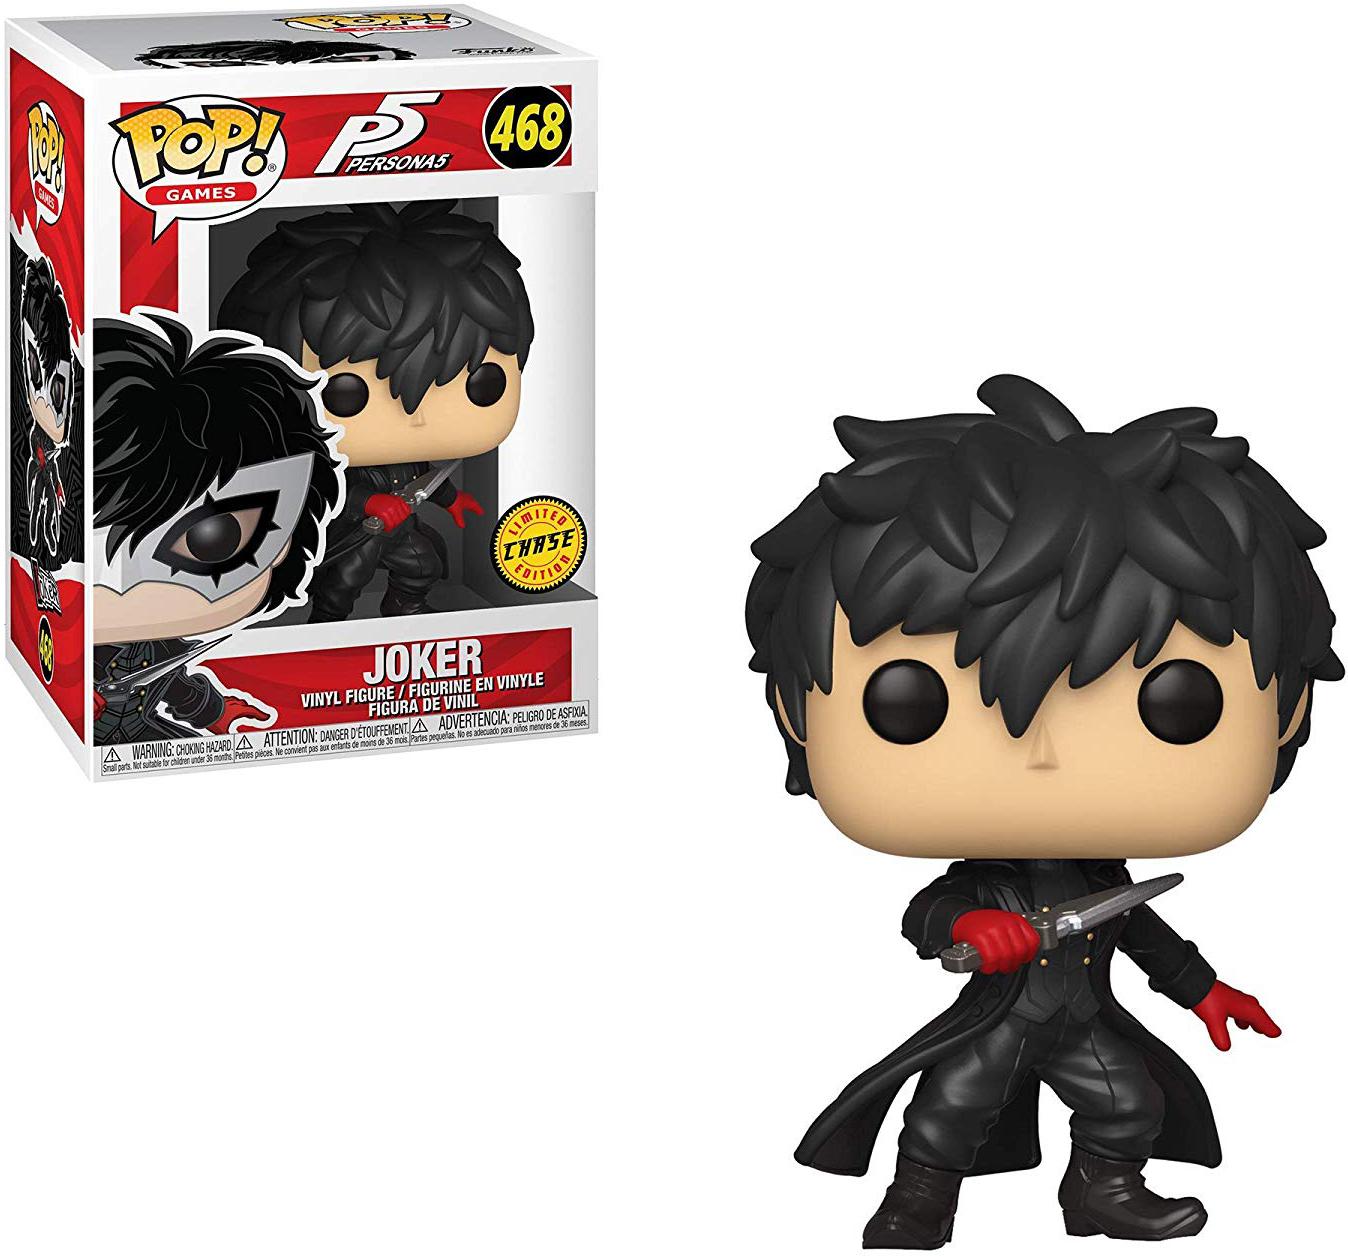 Pop Games 3.75 Inch Action Figure Persona 5 - Joker ...